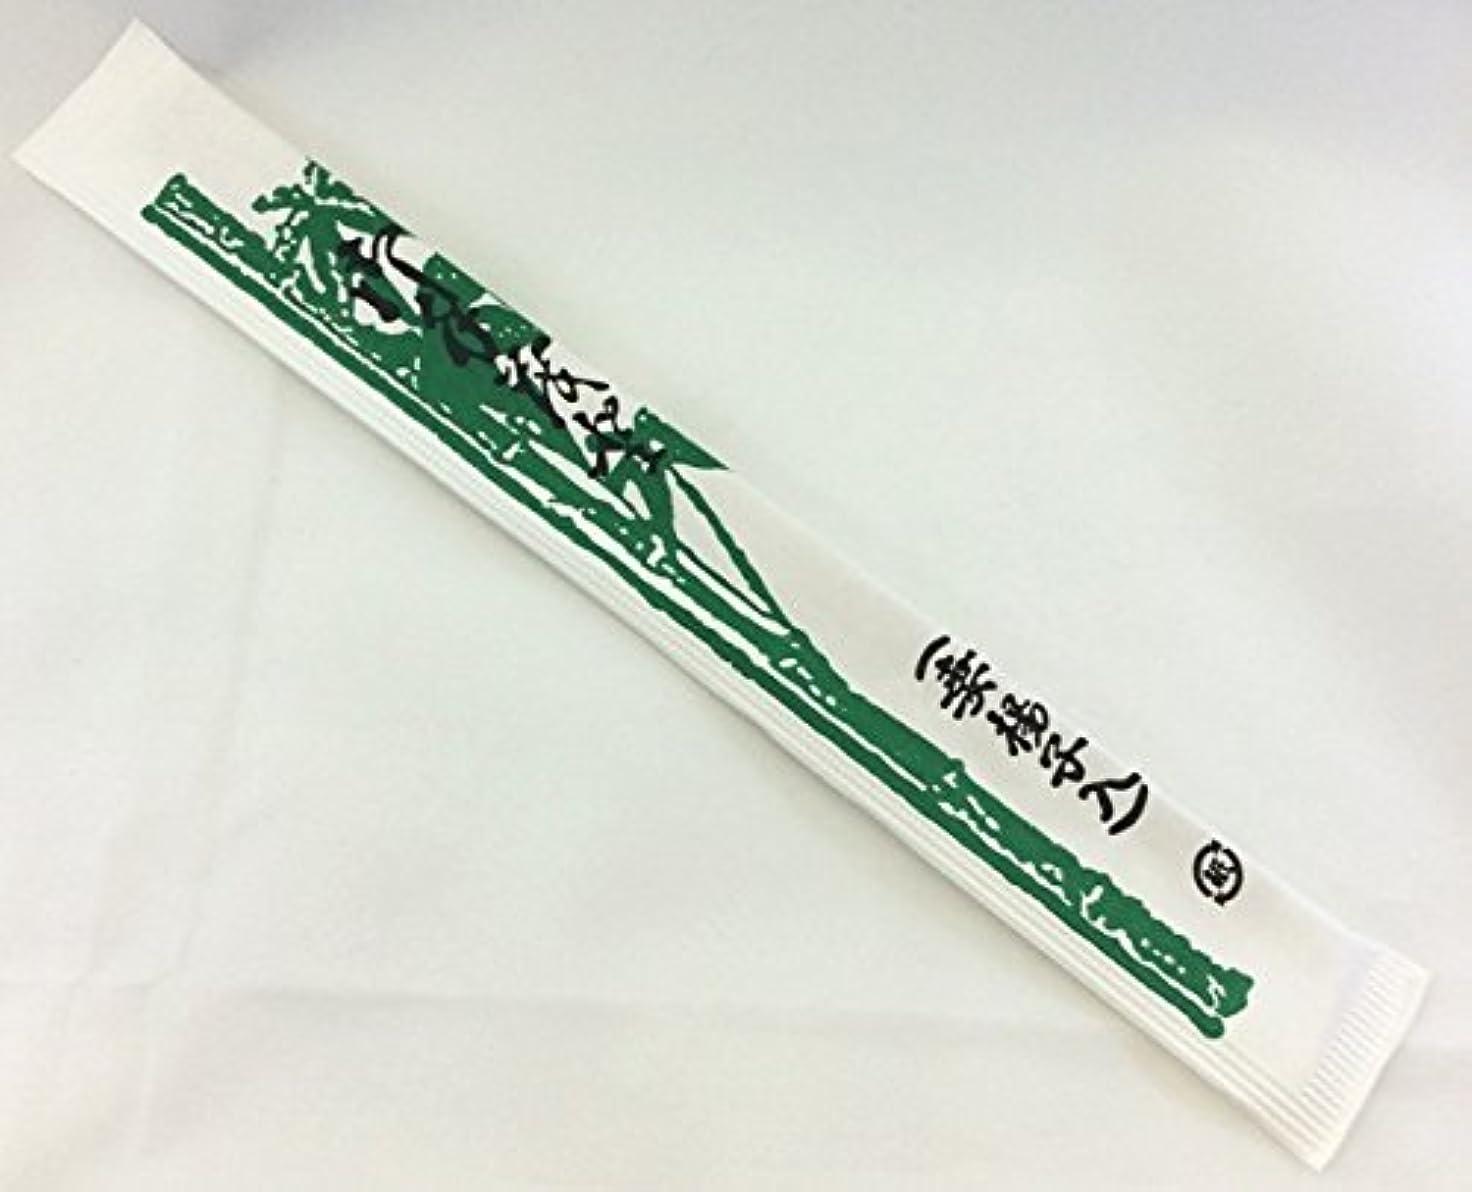 ラフ睡眠できる意志割り箸 紙完封箸(アスペン元禄8寸 楊枝入り)100膳x40ポリ